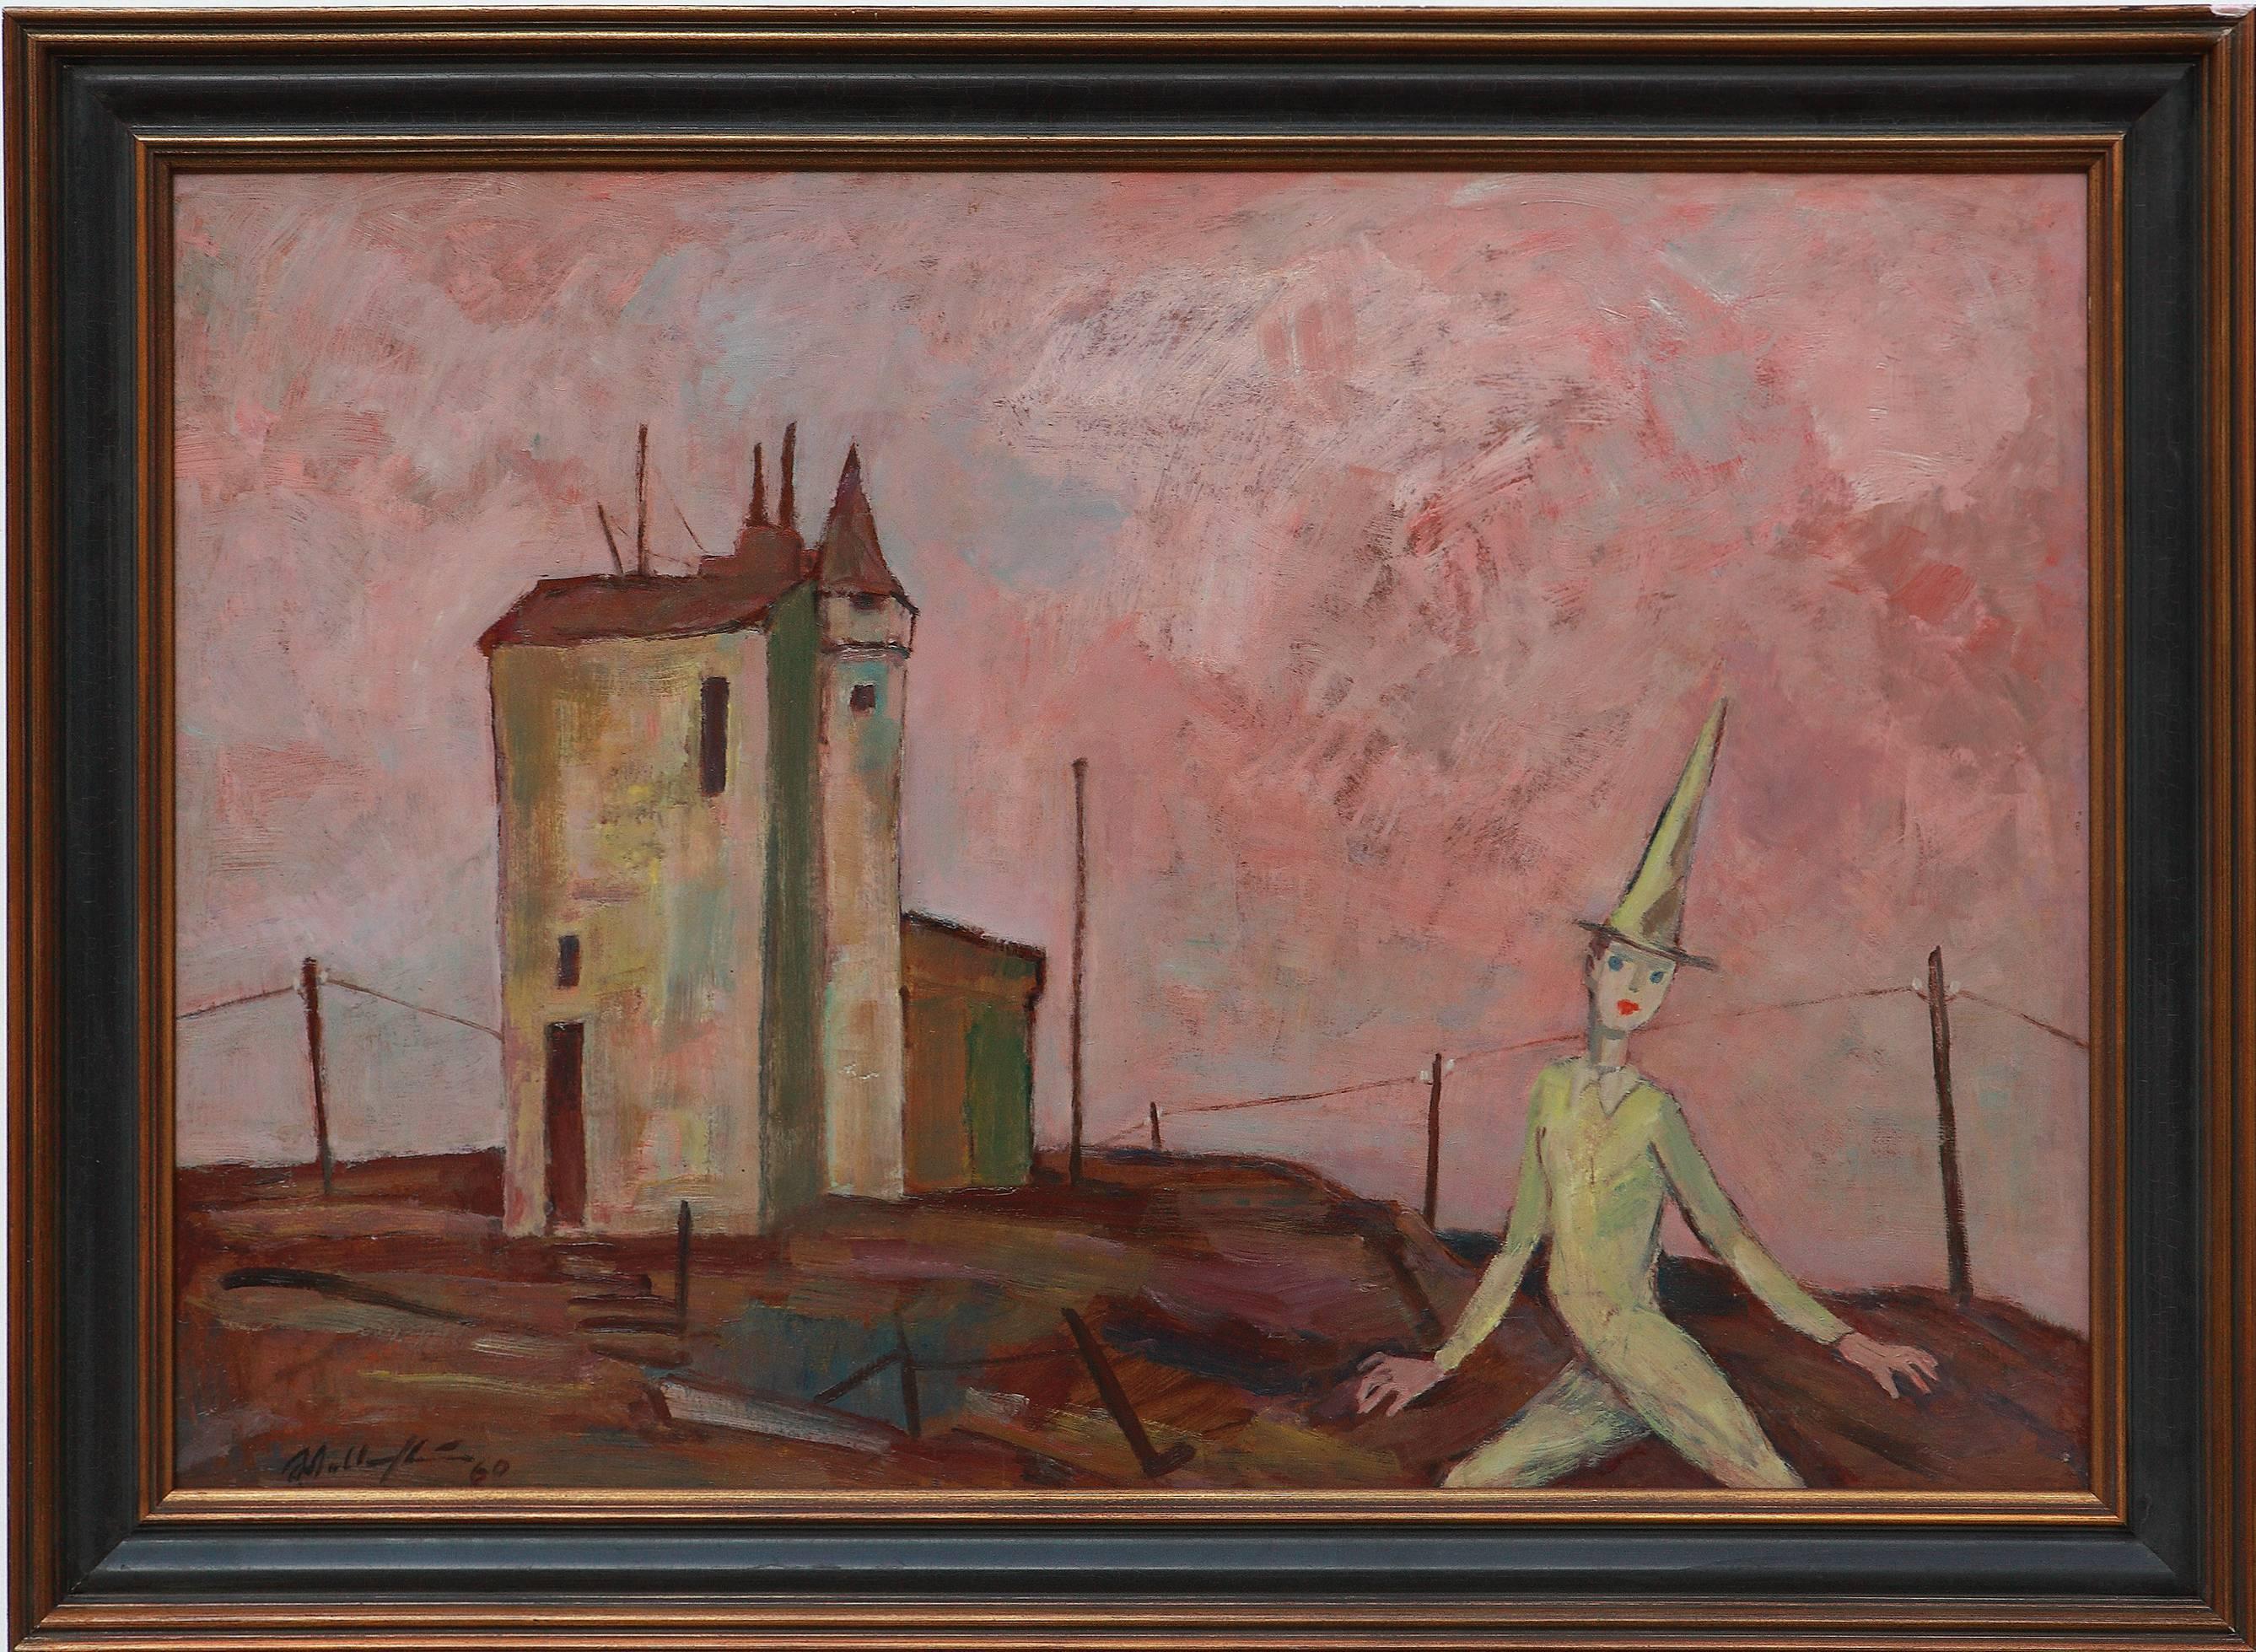 Walter Wellenstein Untitled Oil Painting 1960